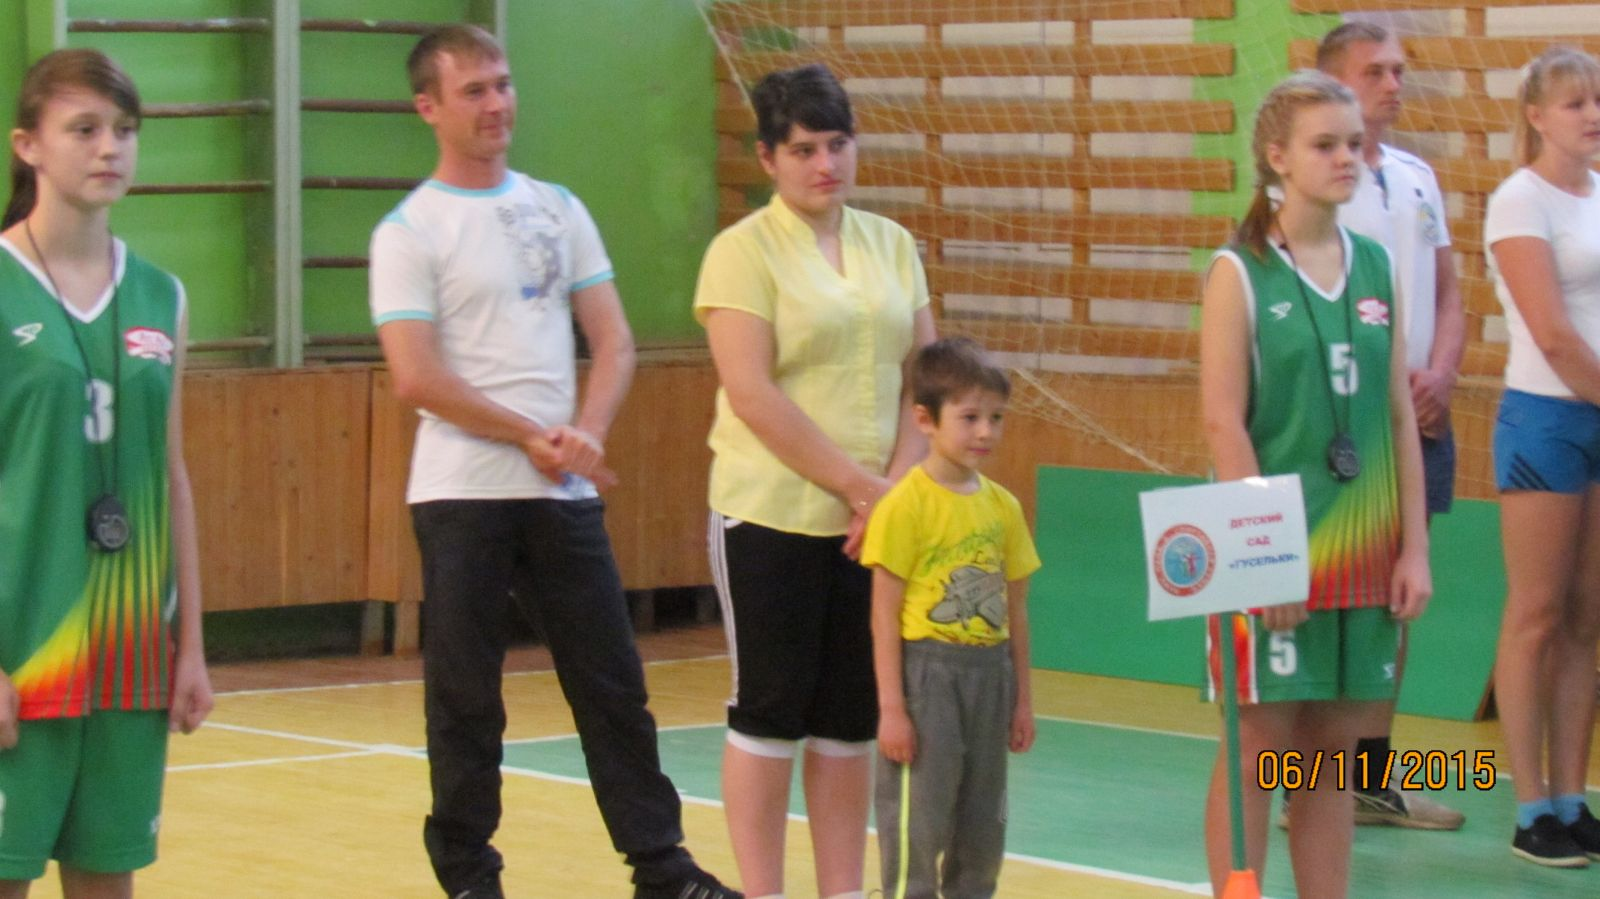 согласие тренеру на детей на соревнования бланк